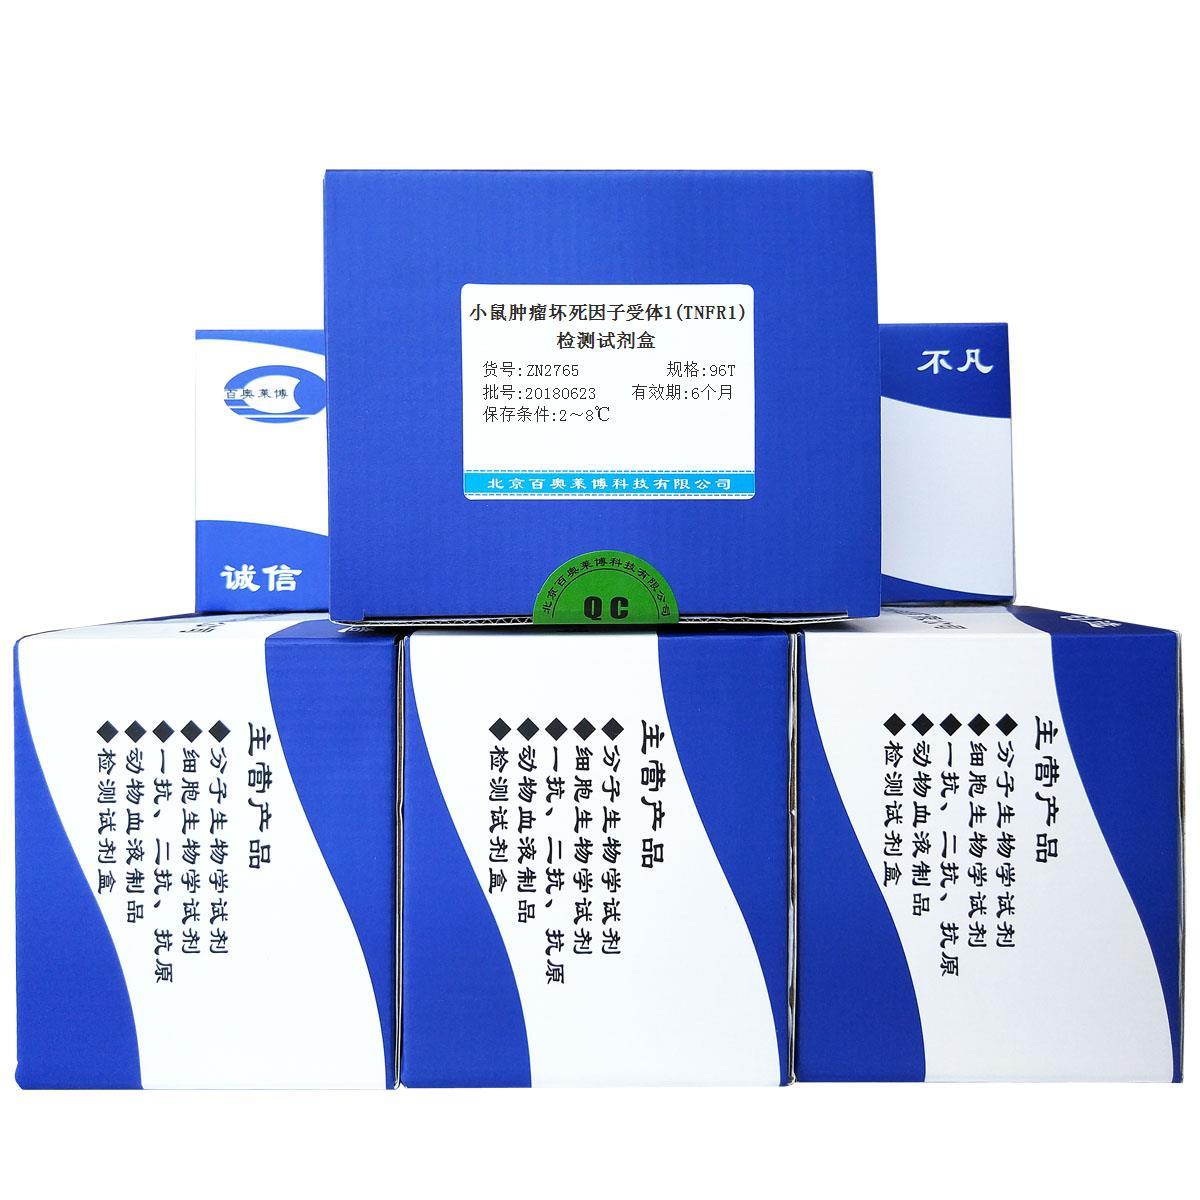 小鼠肿瘤坏死因子受体1(TNFR1)检测试剂盒 小鼠ELISA试剂盒